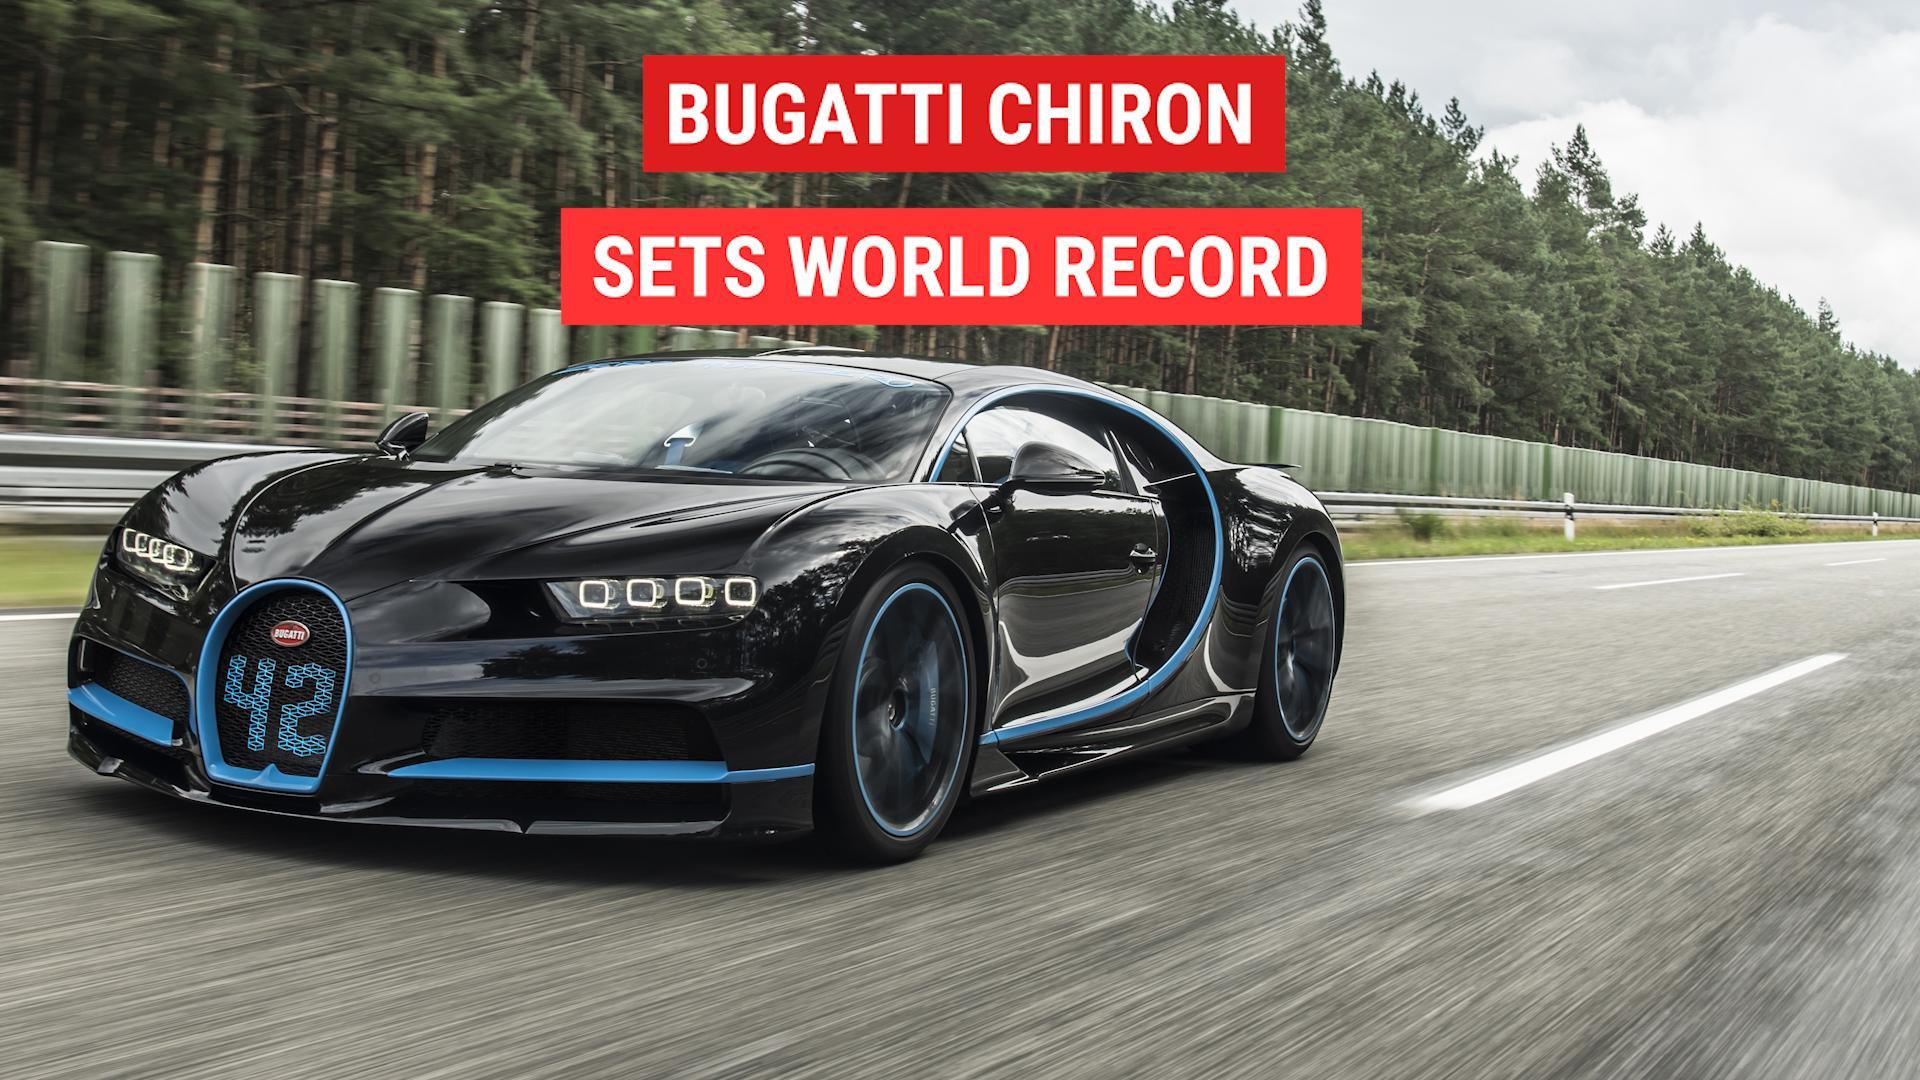 Bugatti Chiron Sets a World Record